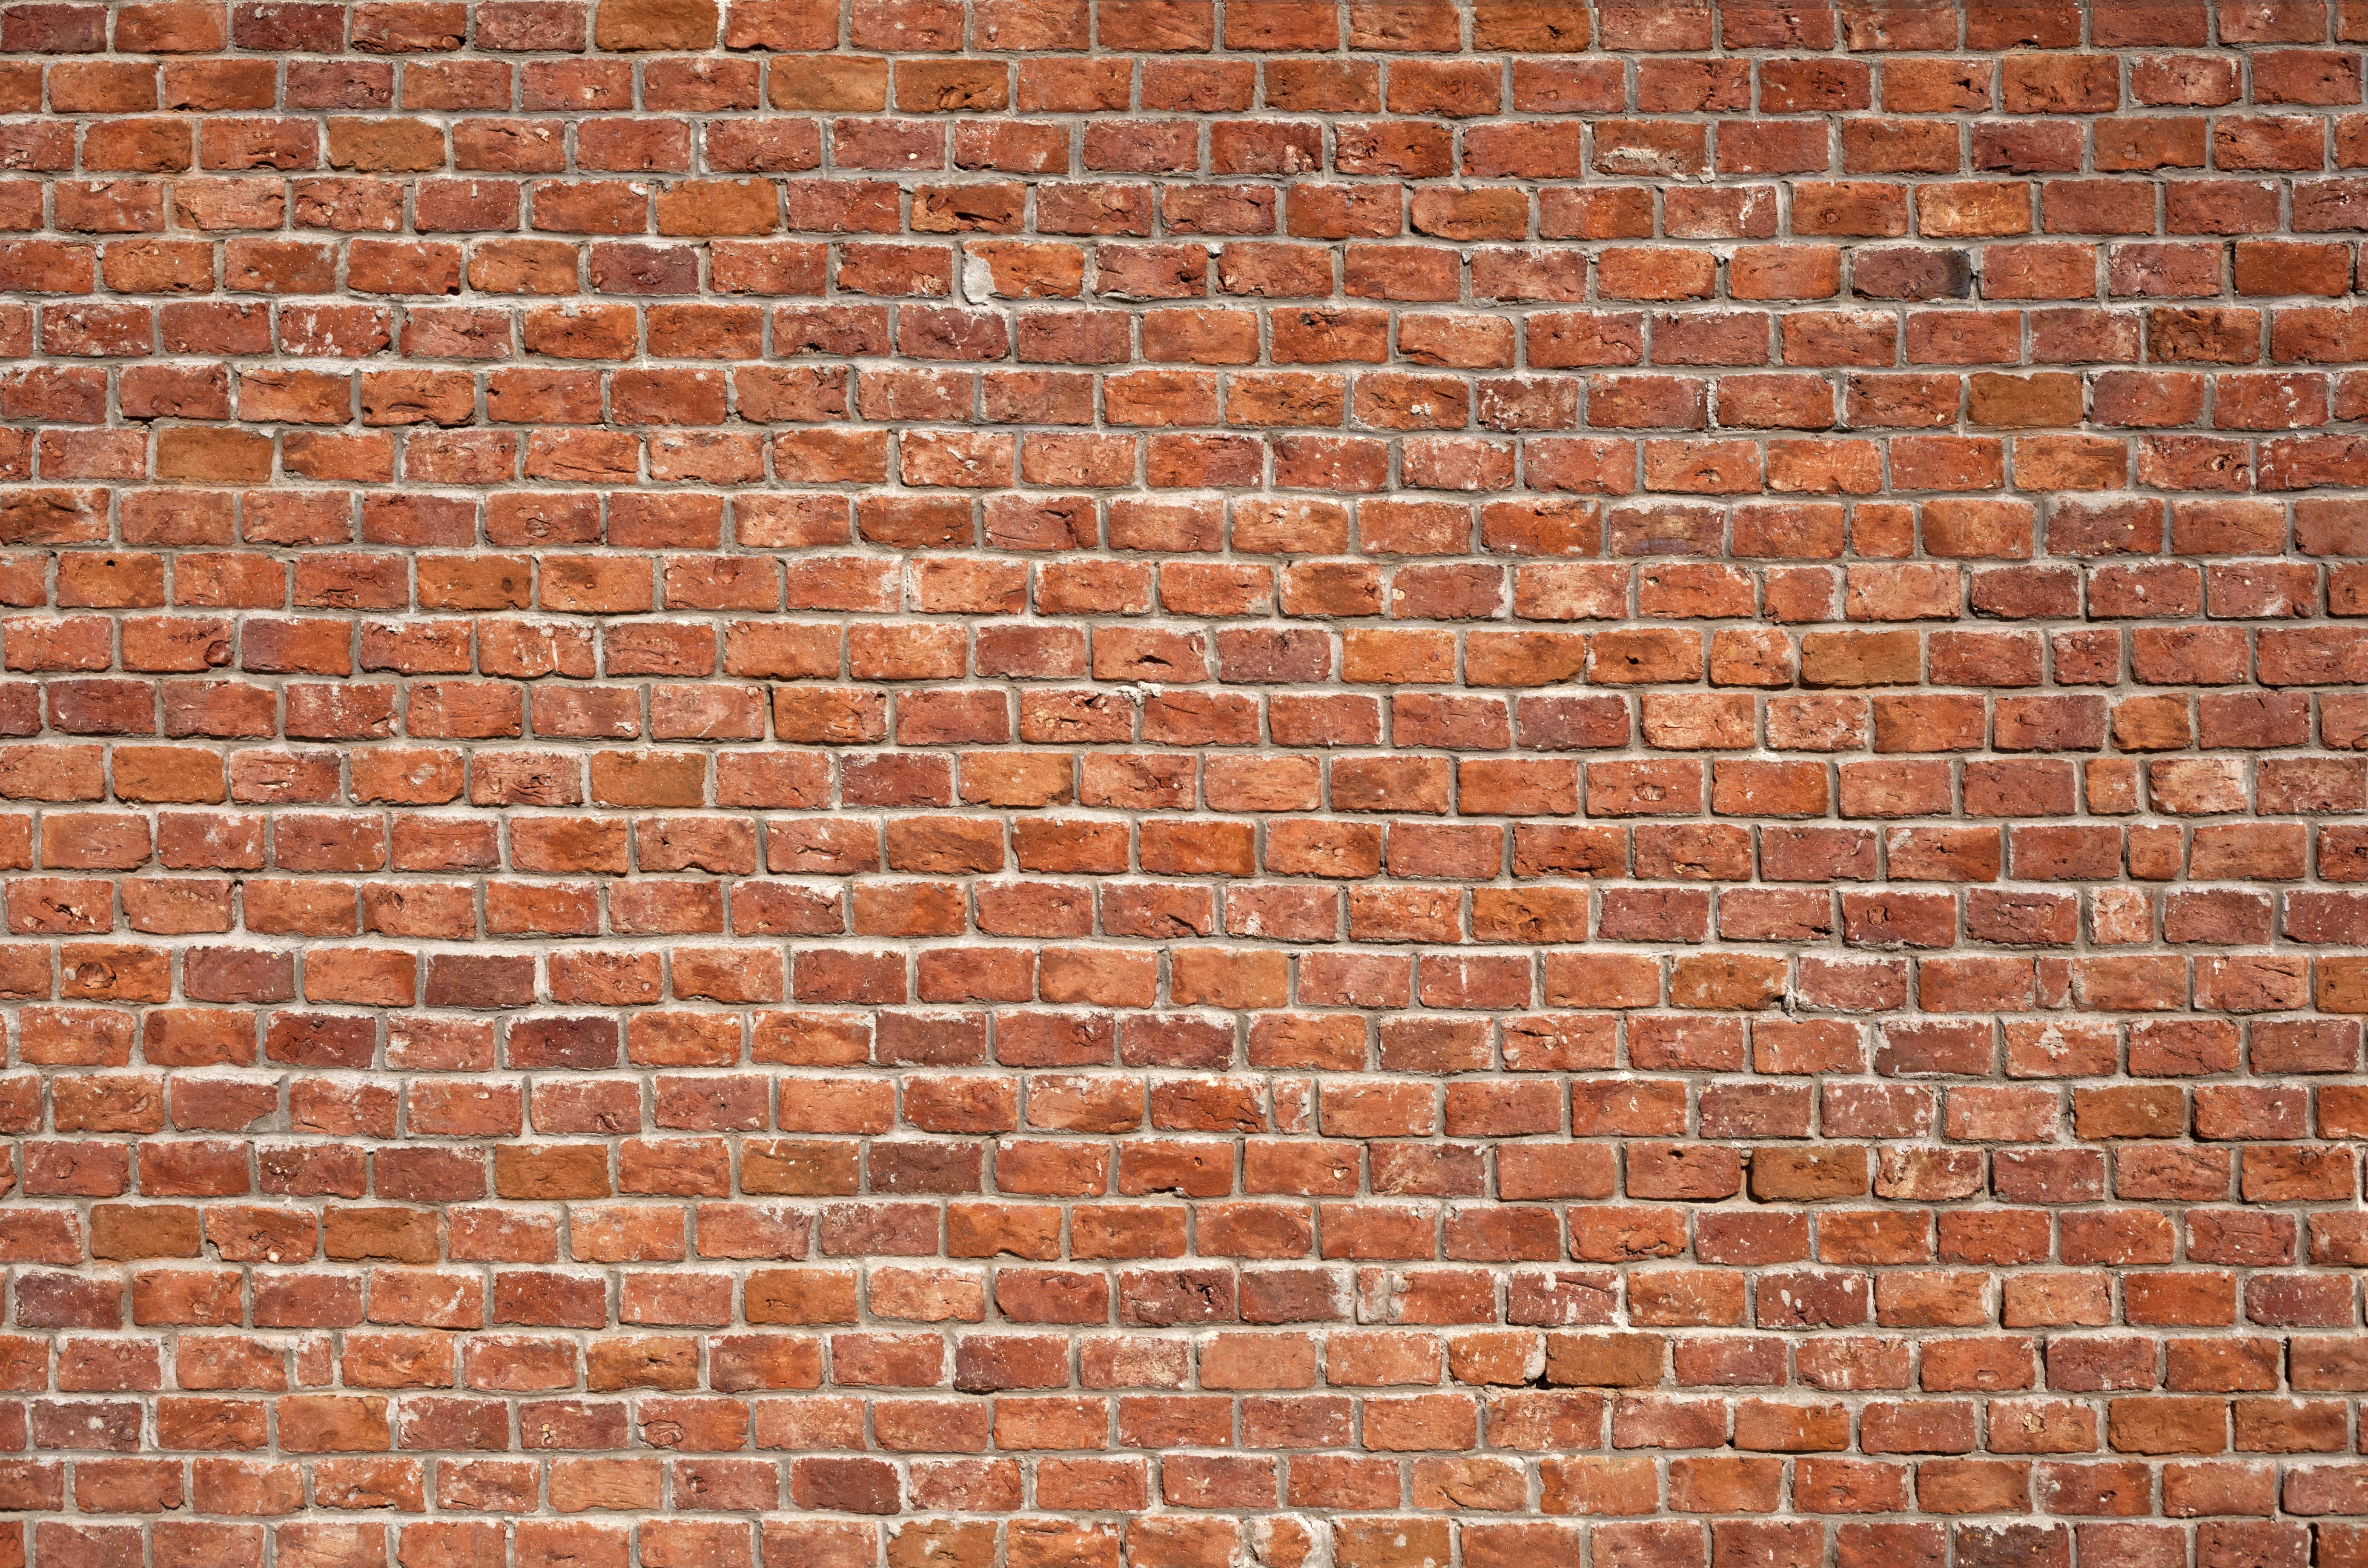 Brick Wall - BDFjade